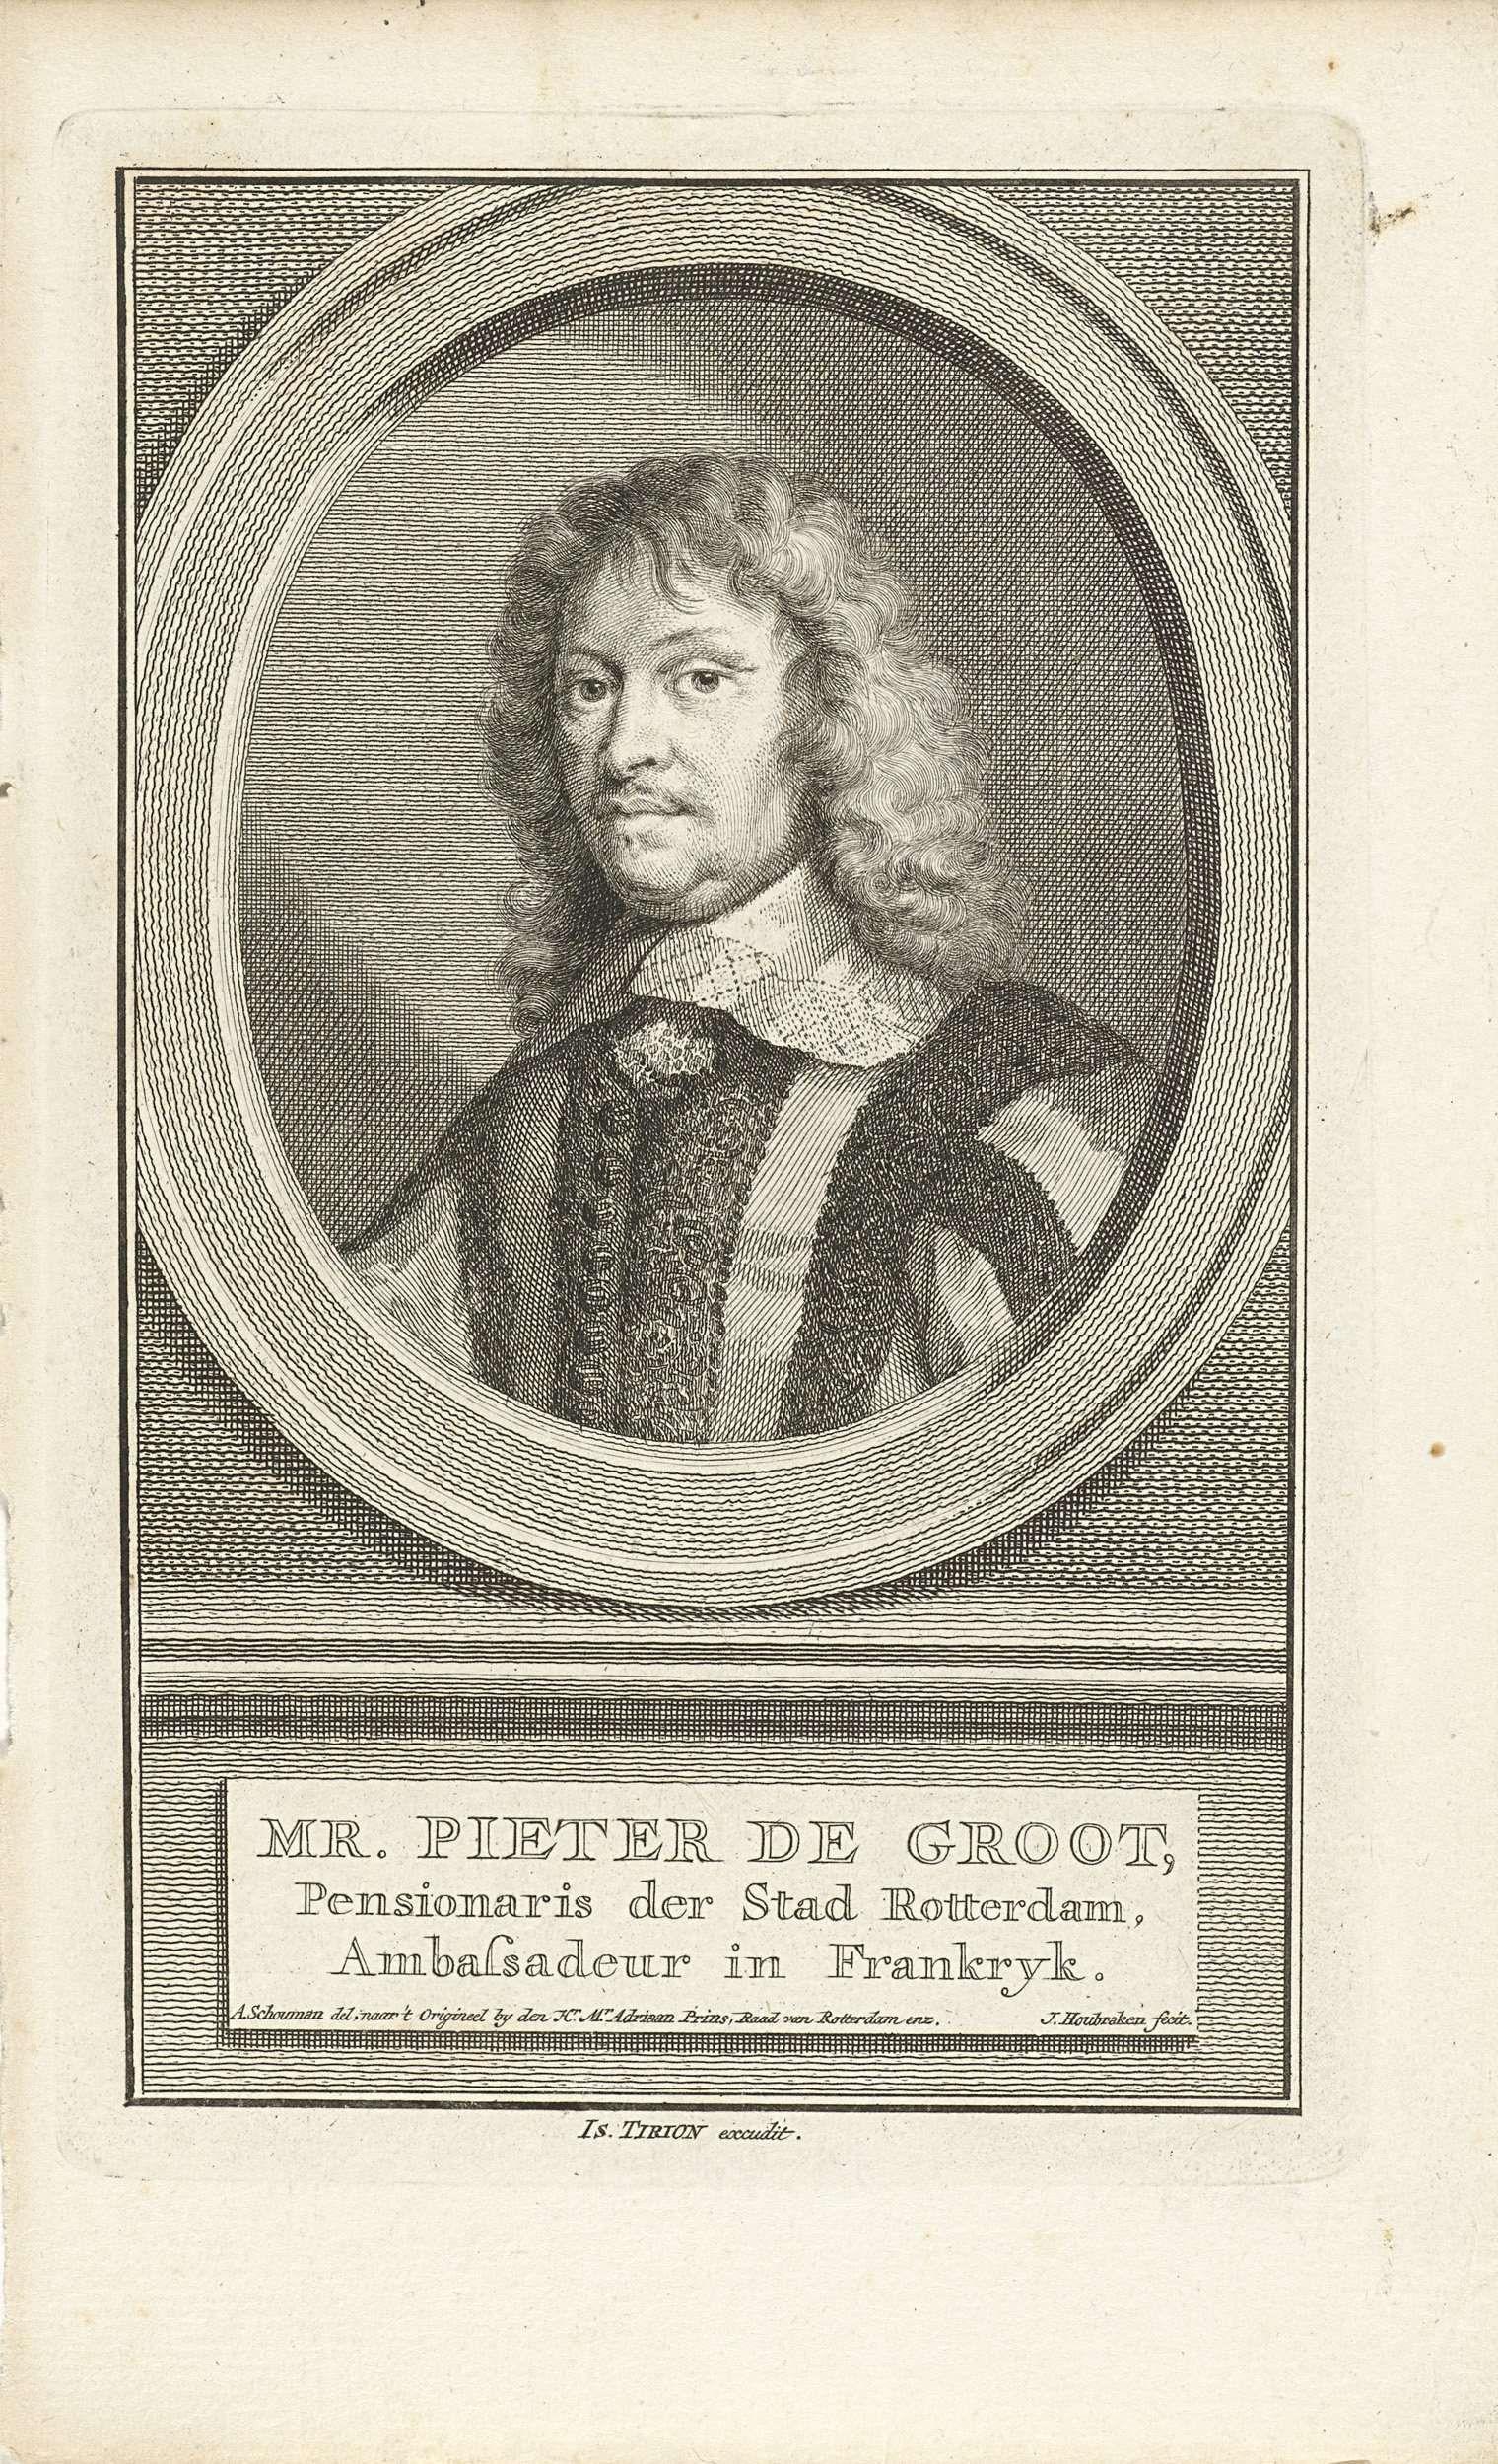 Jacob Houbraken | Portret van Pieter de Groot, Jacob Houbraken, Isaak Tirion, 1749 - 1759 | Buste naar links van Pieter de Groot in een ovaal. Het portret rust op een plint waarop zijn naam en gegevens in drie regels in het Nederlands.